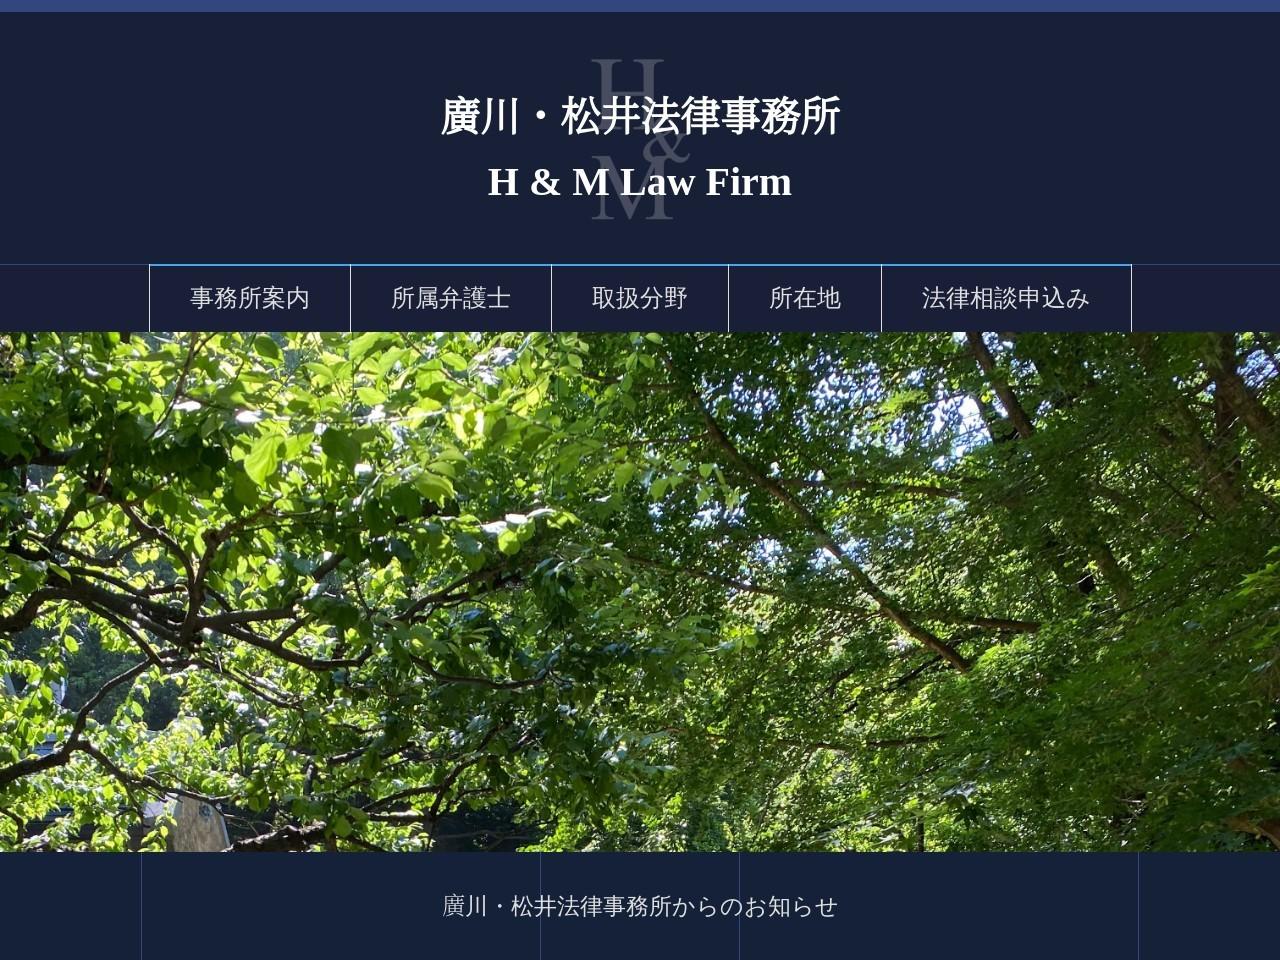 廣川・松井法律事務所